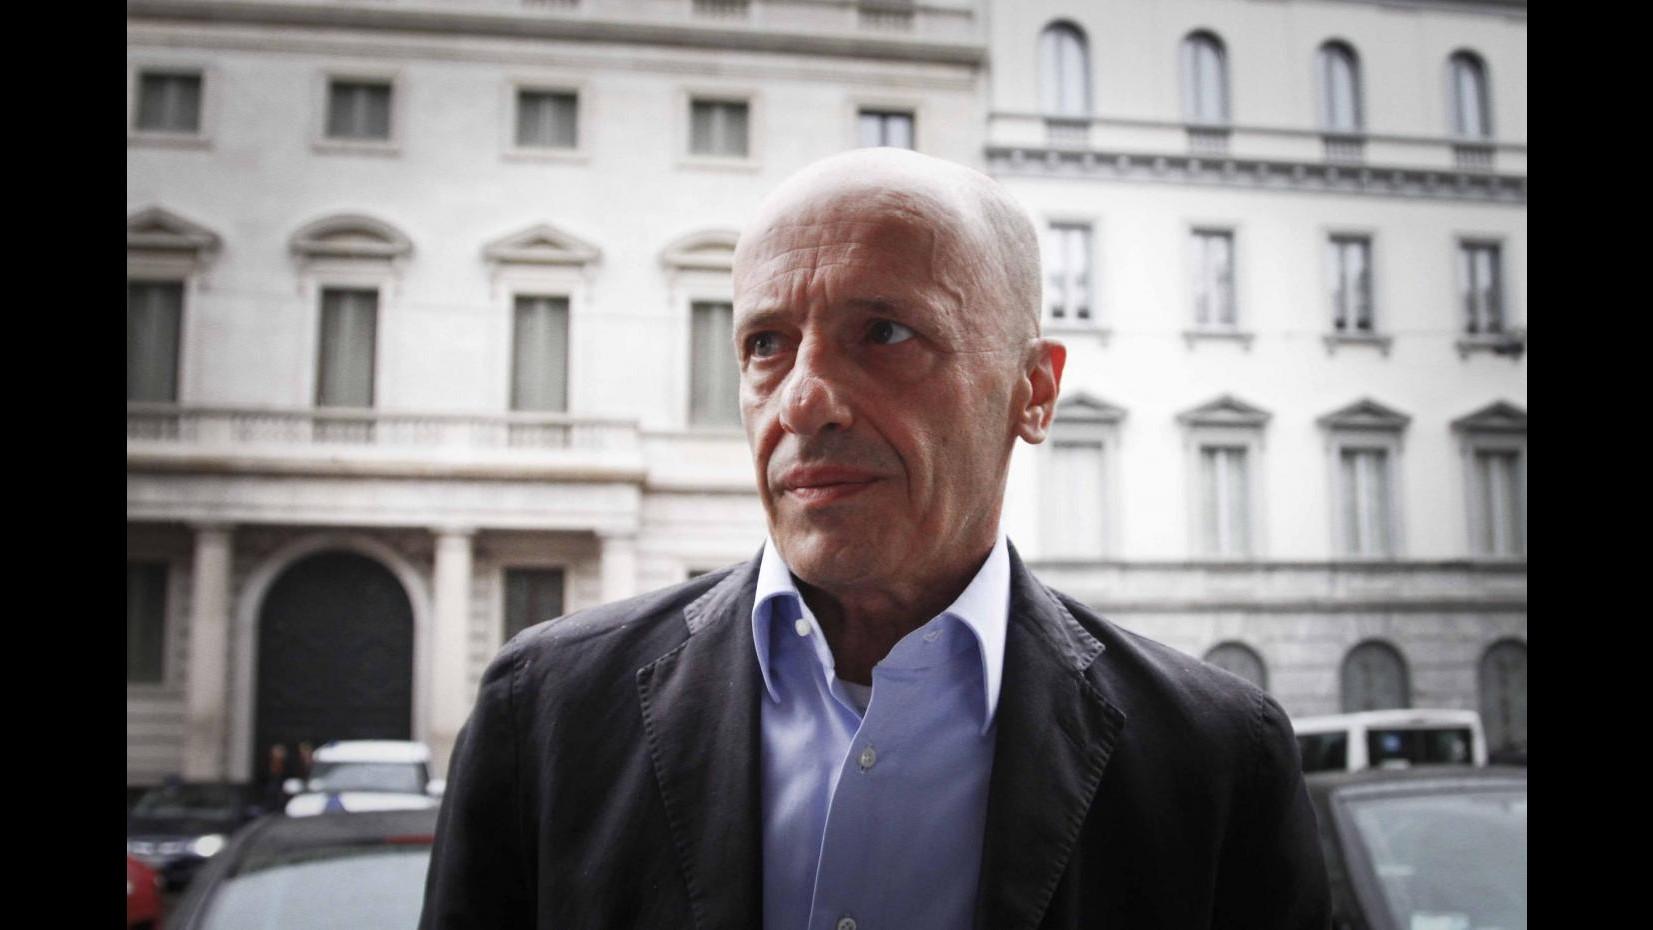 Sallusti, giornalista assolto da accusa di evasione